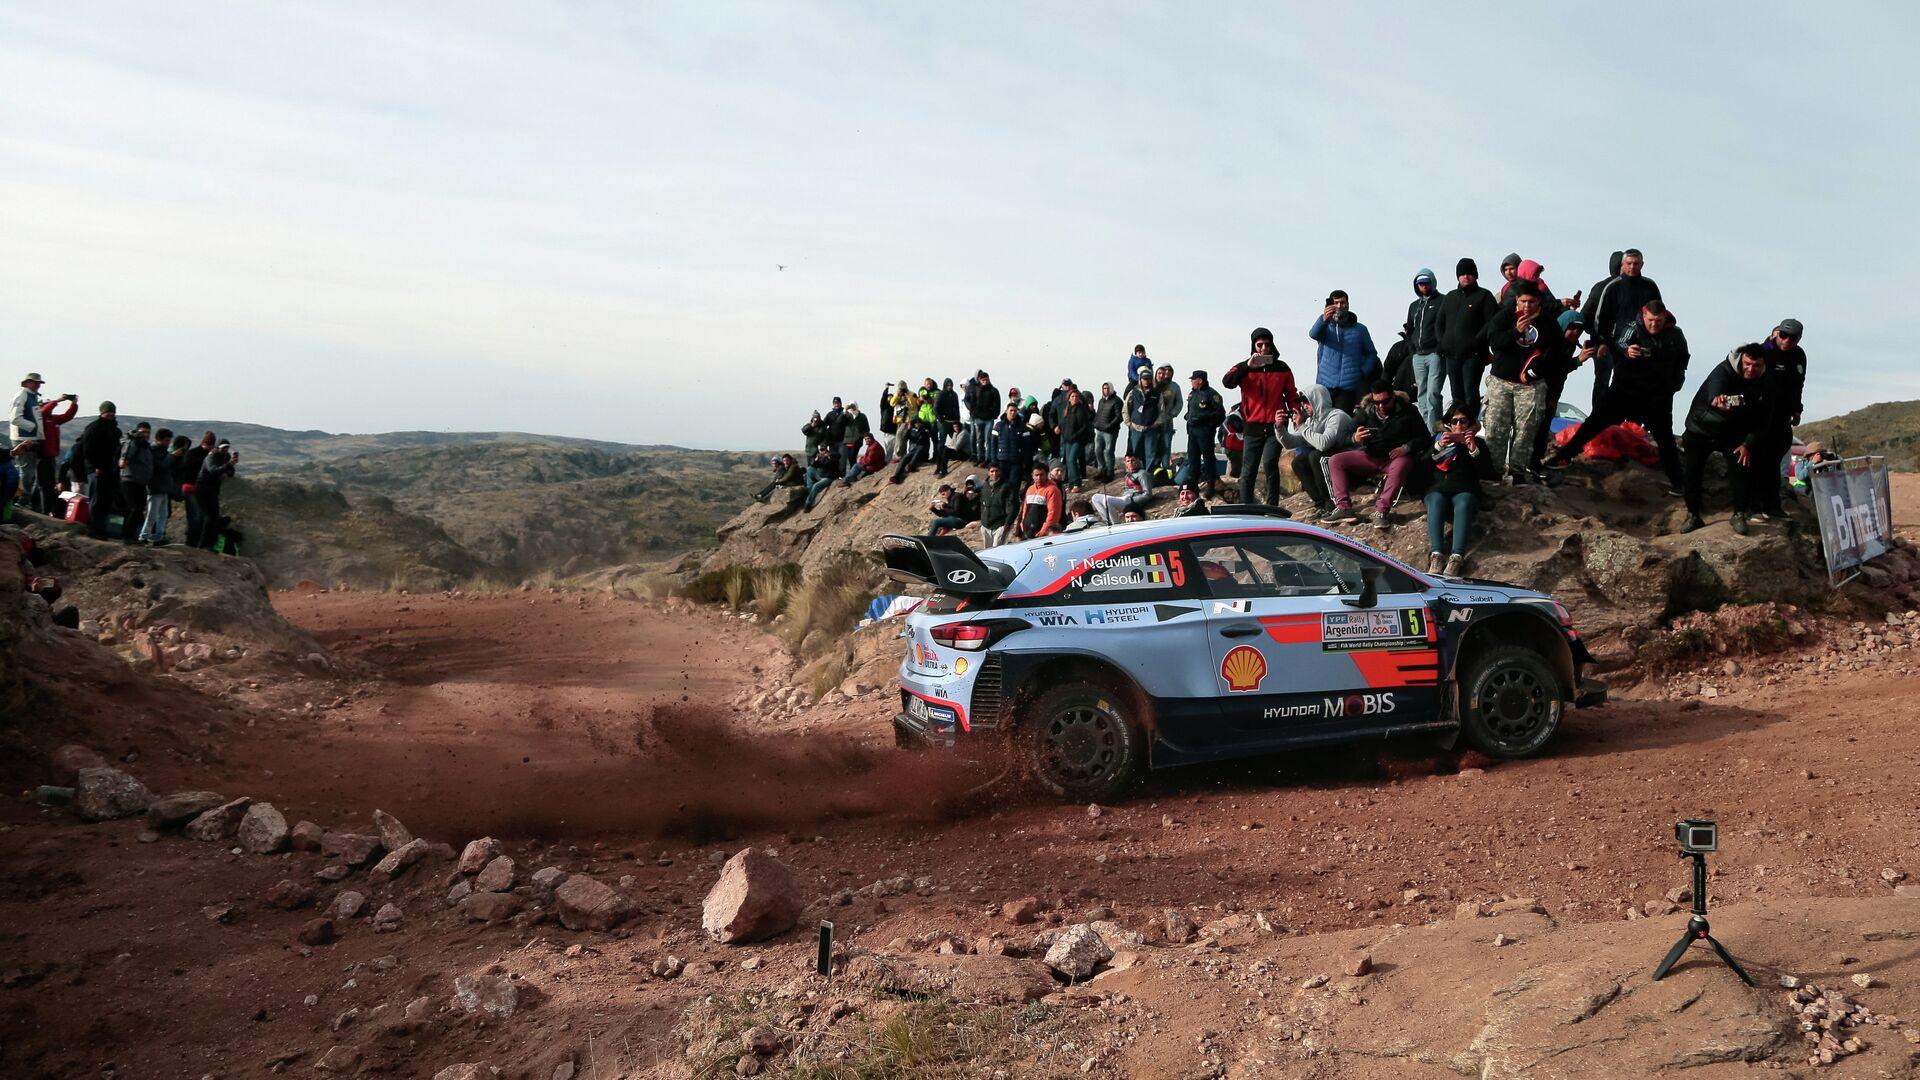 Φωτογραφία από αγώνα ράλι WRC στην Αργεντινή - Sputnik Ελλάδα, 1920, 09.09.2021